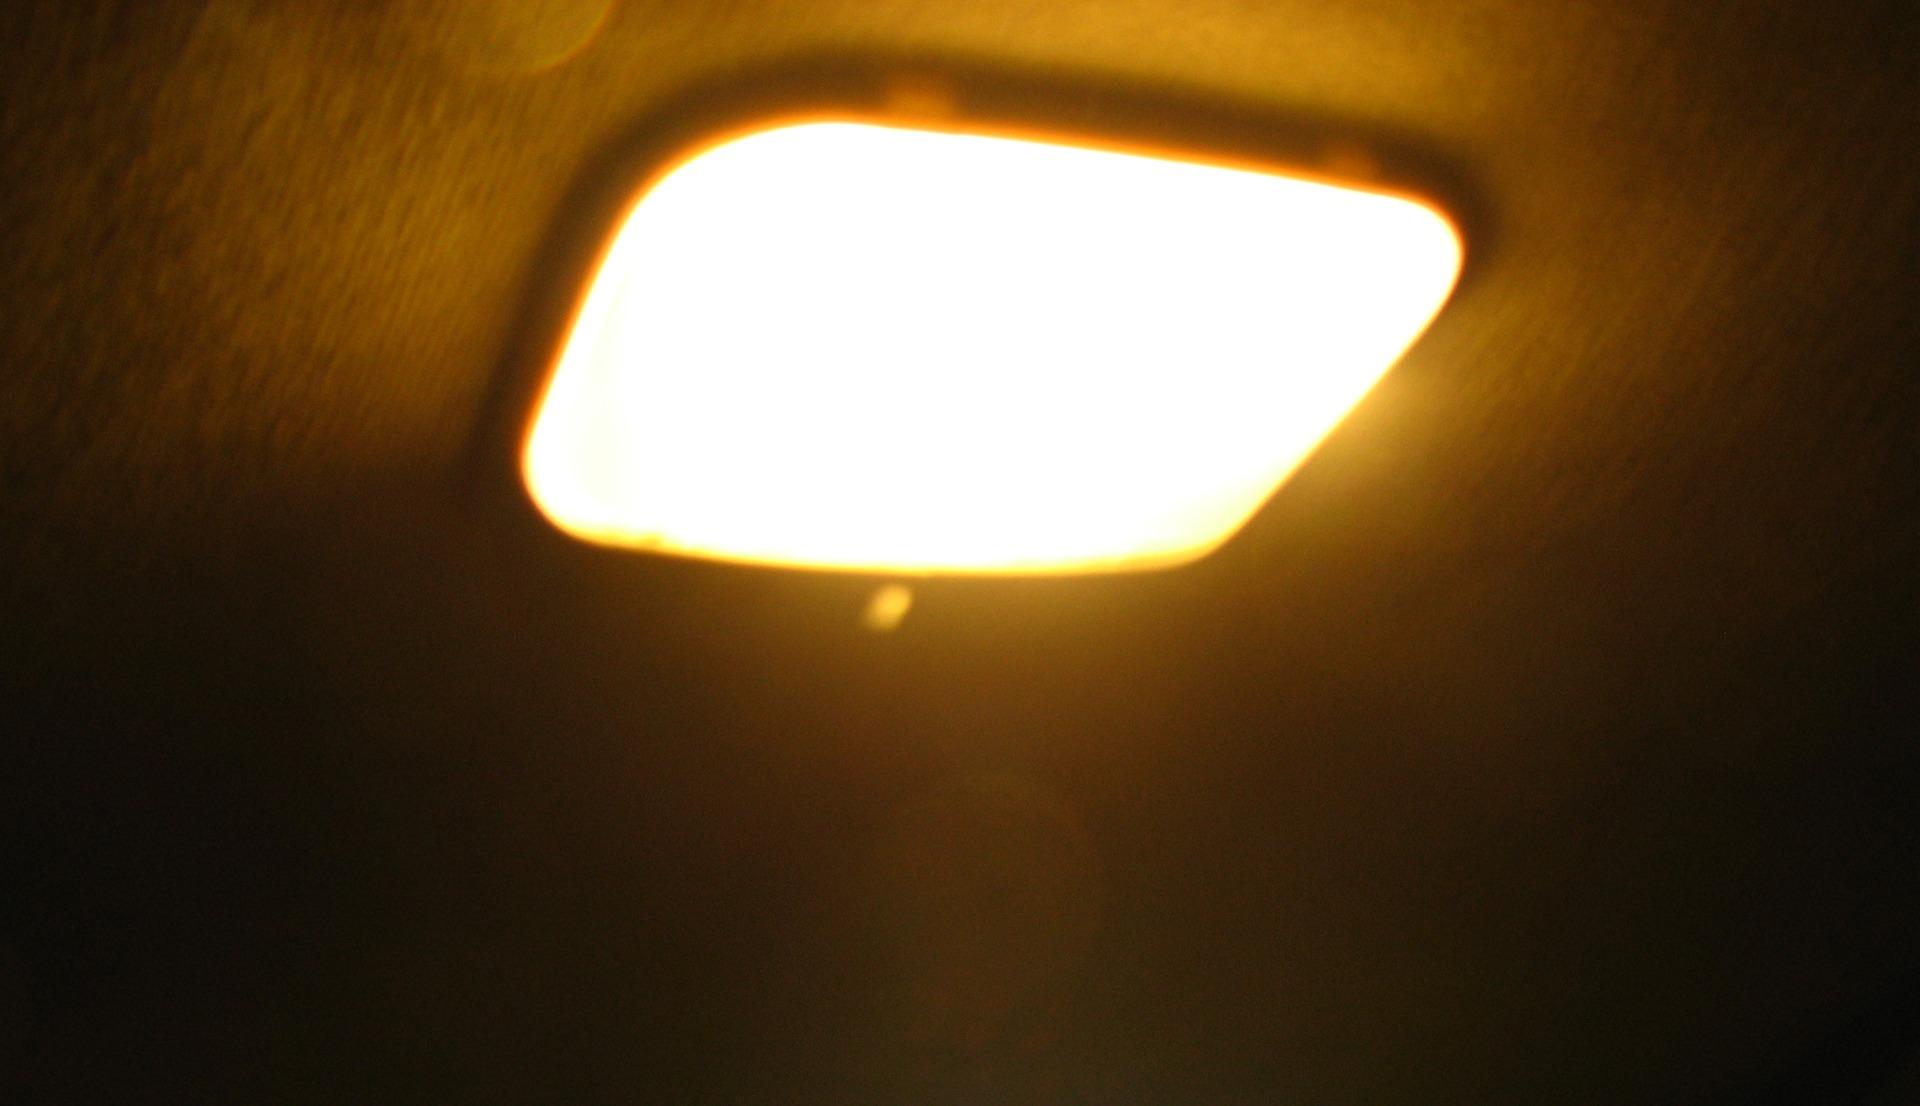 светодиодная подсветка салона автомобиля схема